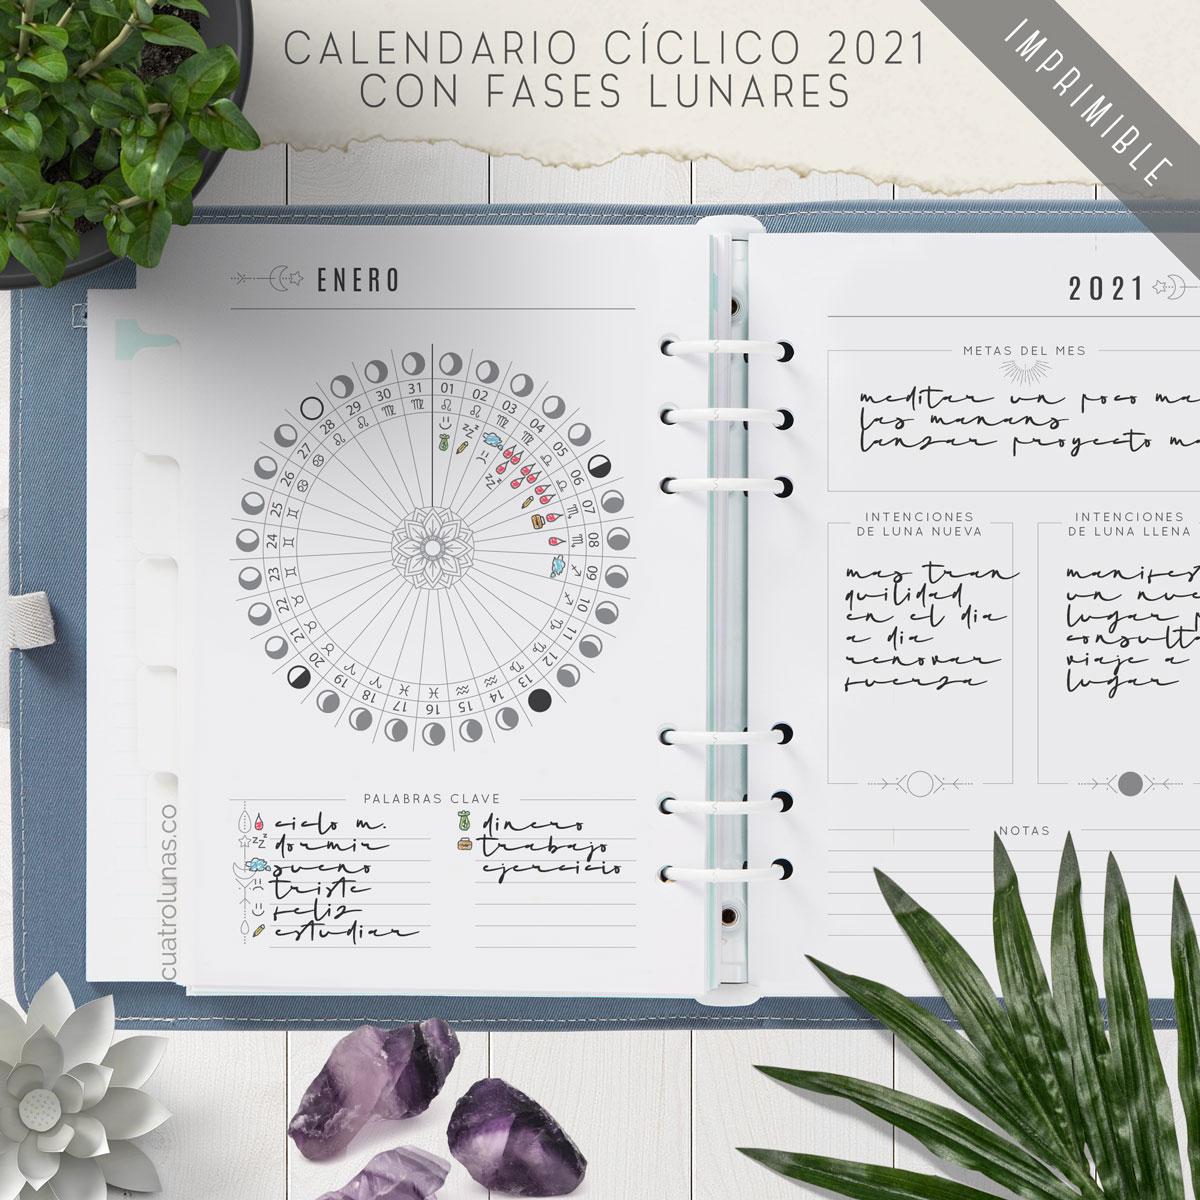 Calendario Ciclico 2021